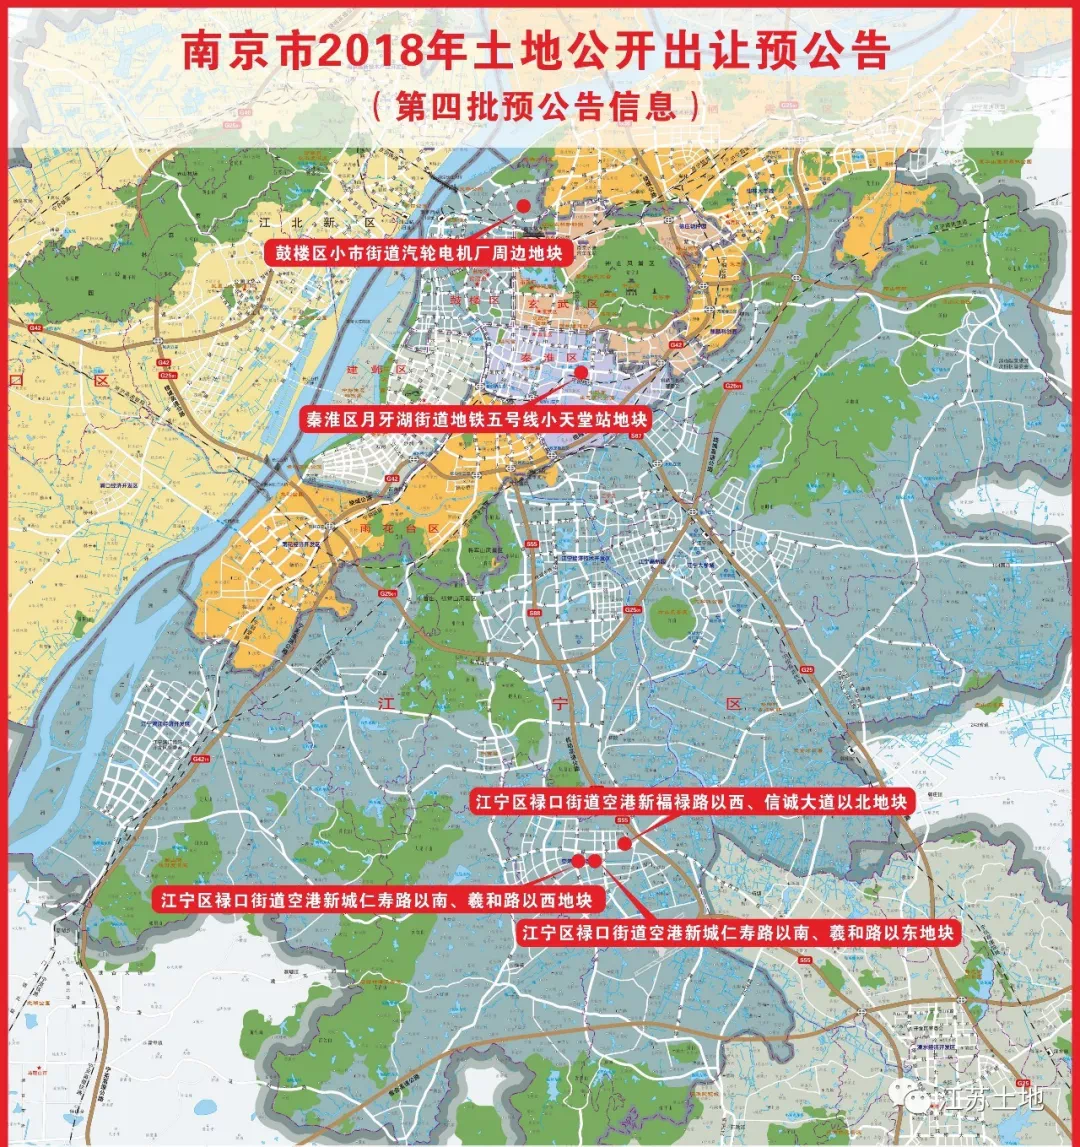 南京第4批土地预公告!城中、城北、禄口宅地解渴土地市场